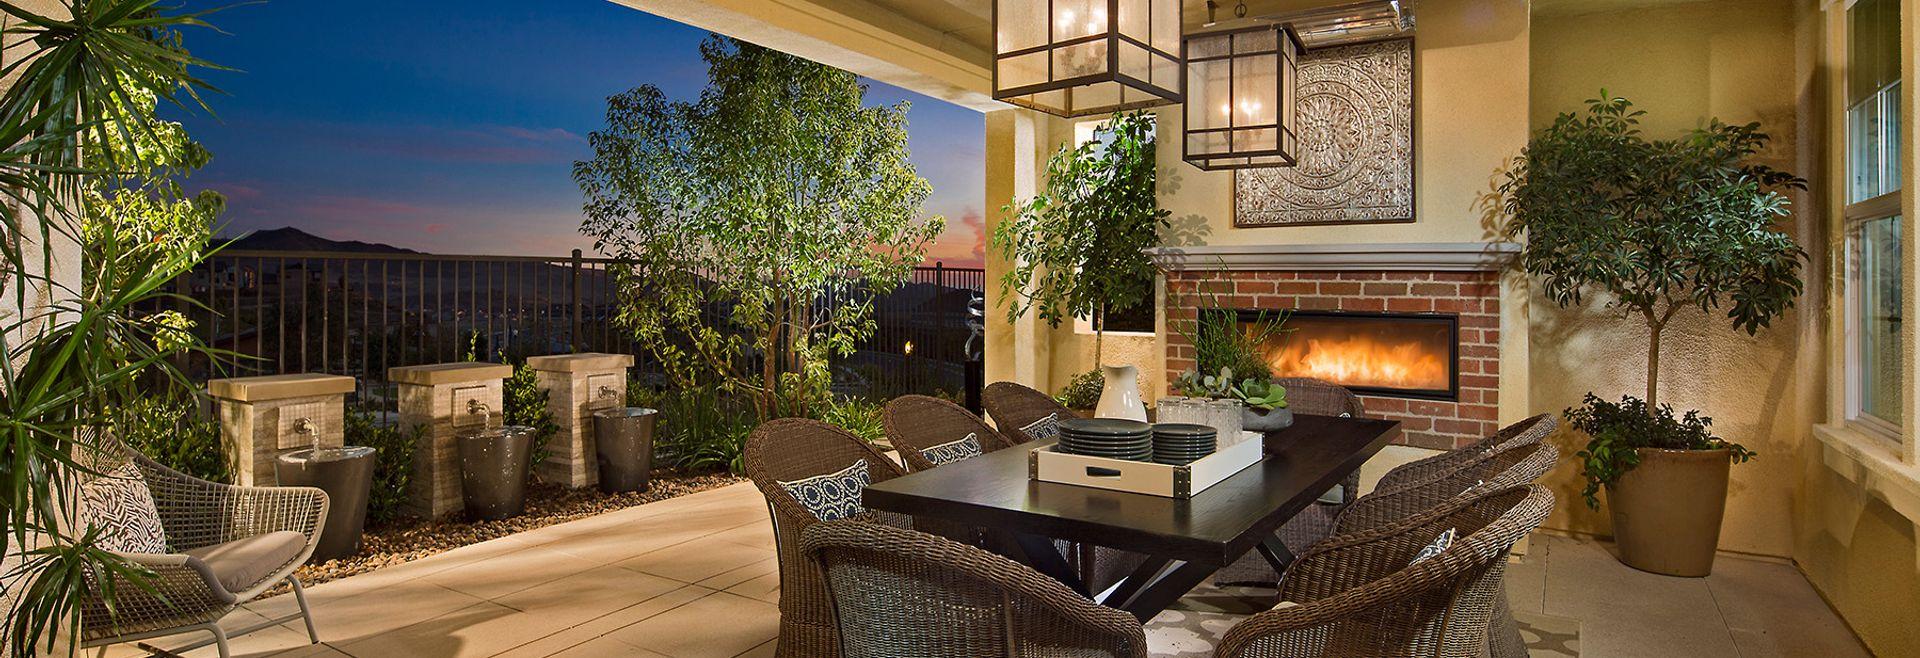 Cortesa Plan 3 Outdoor Room